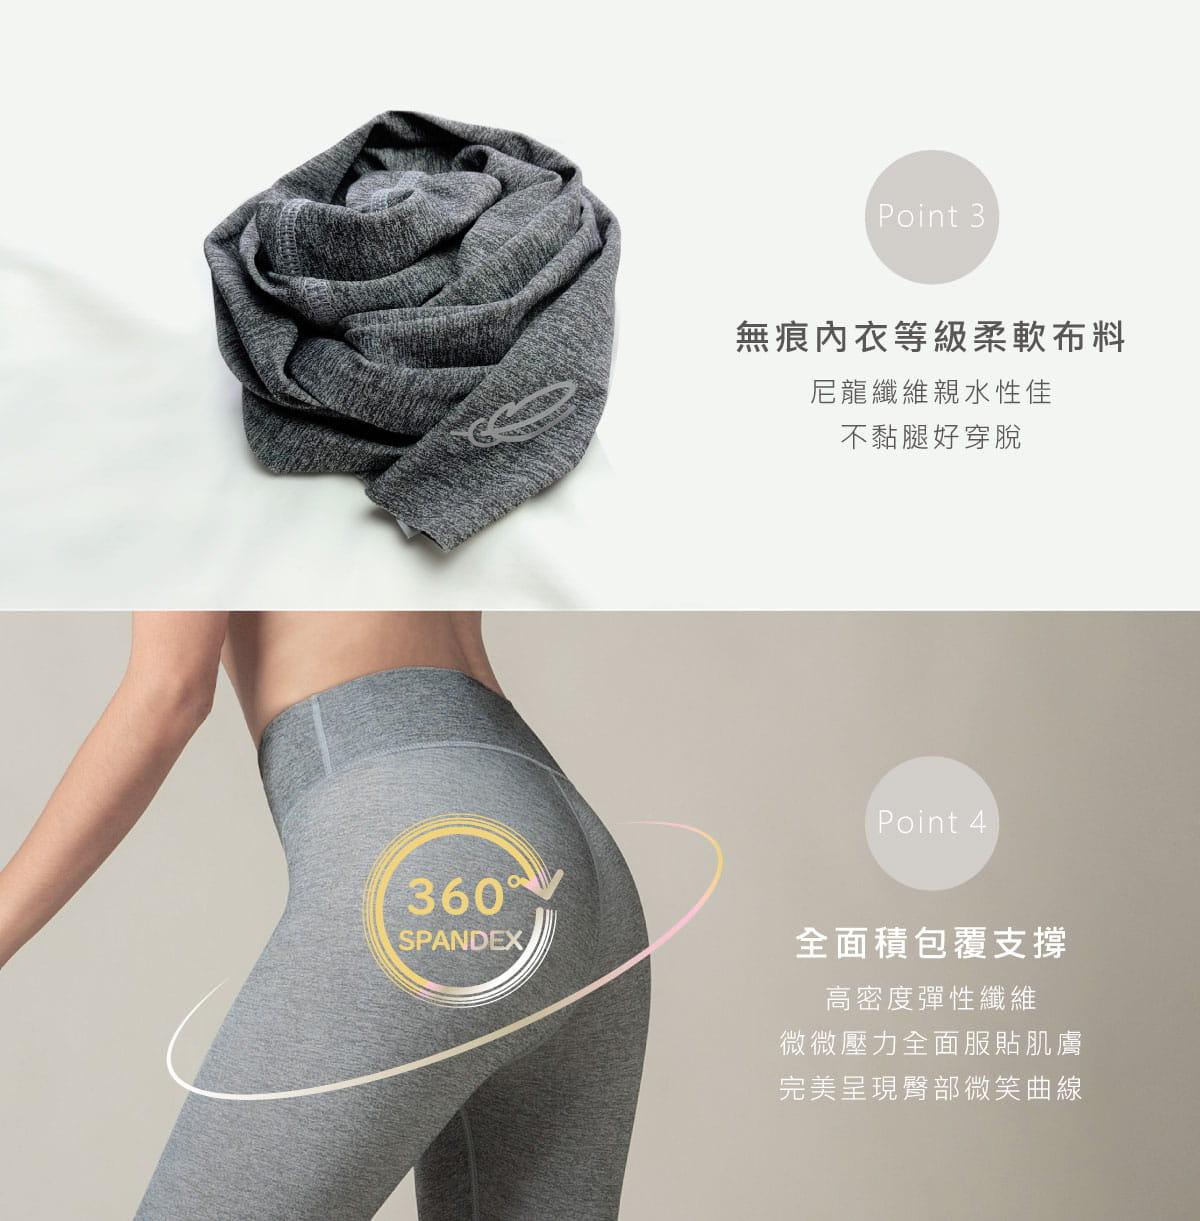 TENO超輕量運動休閒花花褲-設計師經典款 7